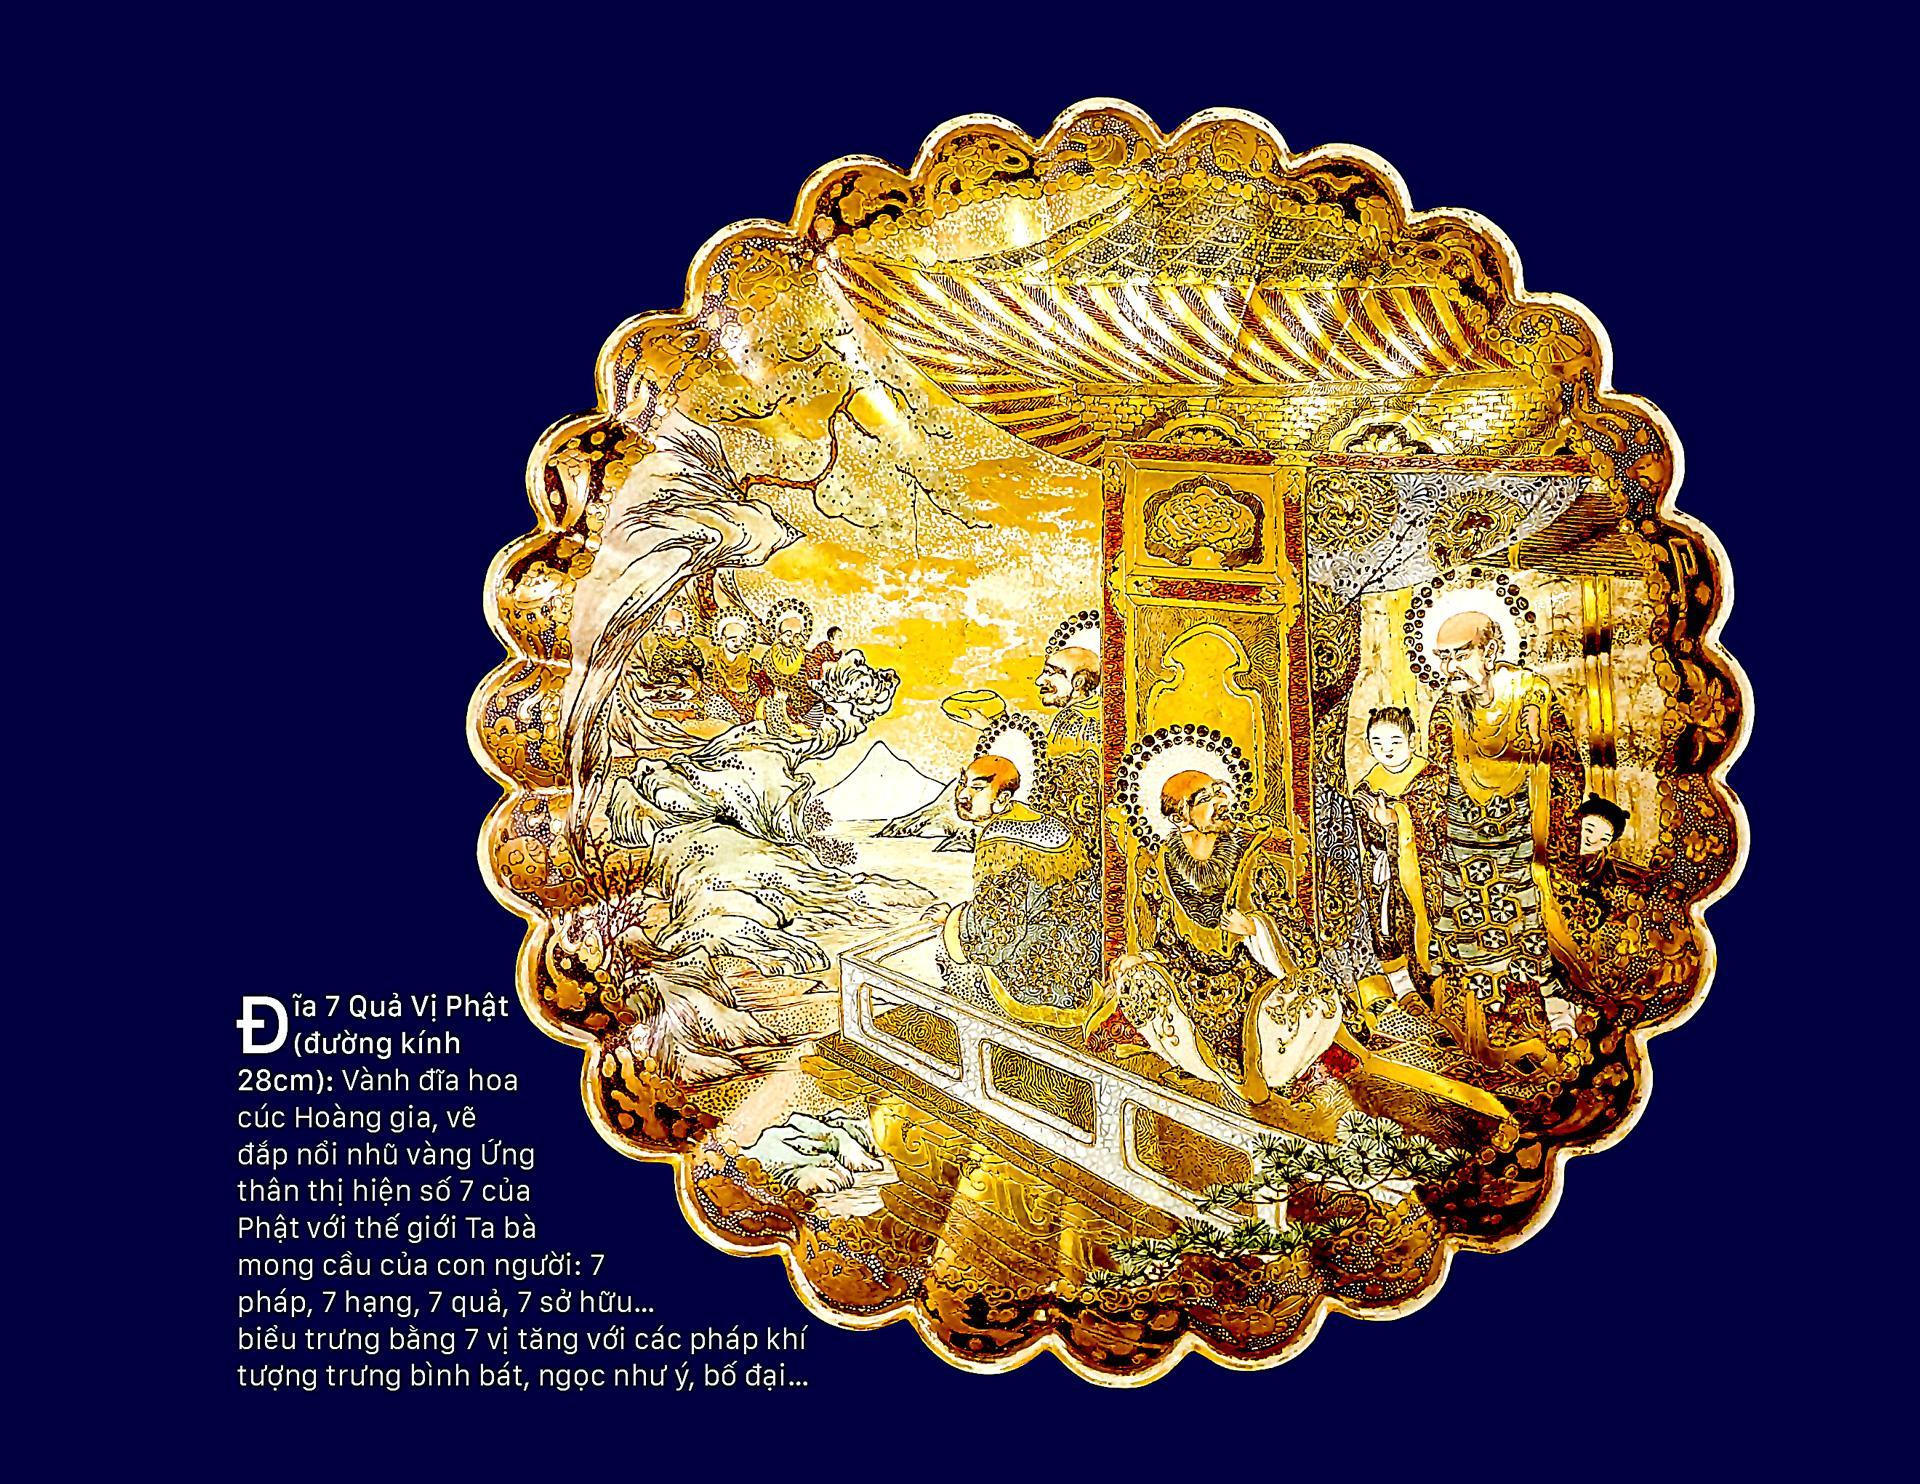 Tín ngưỡng phong thủy trên gốm Satsuma  ảnh 8